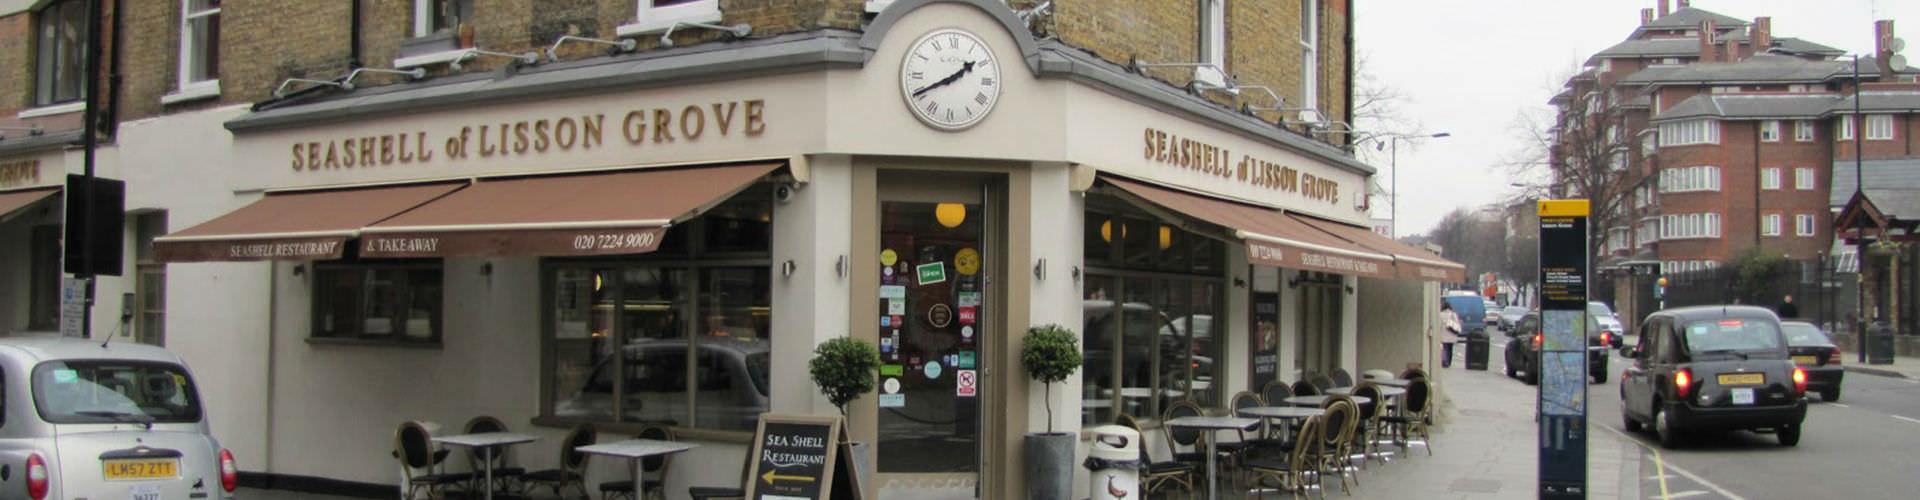 Londres – Hostels no bairro de Lisson Grove . Mapas para Londres, Fotos e Avaliações para cada Hostel em Londres.